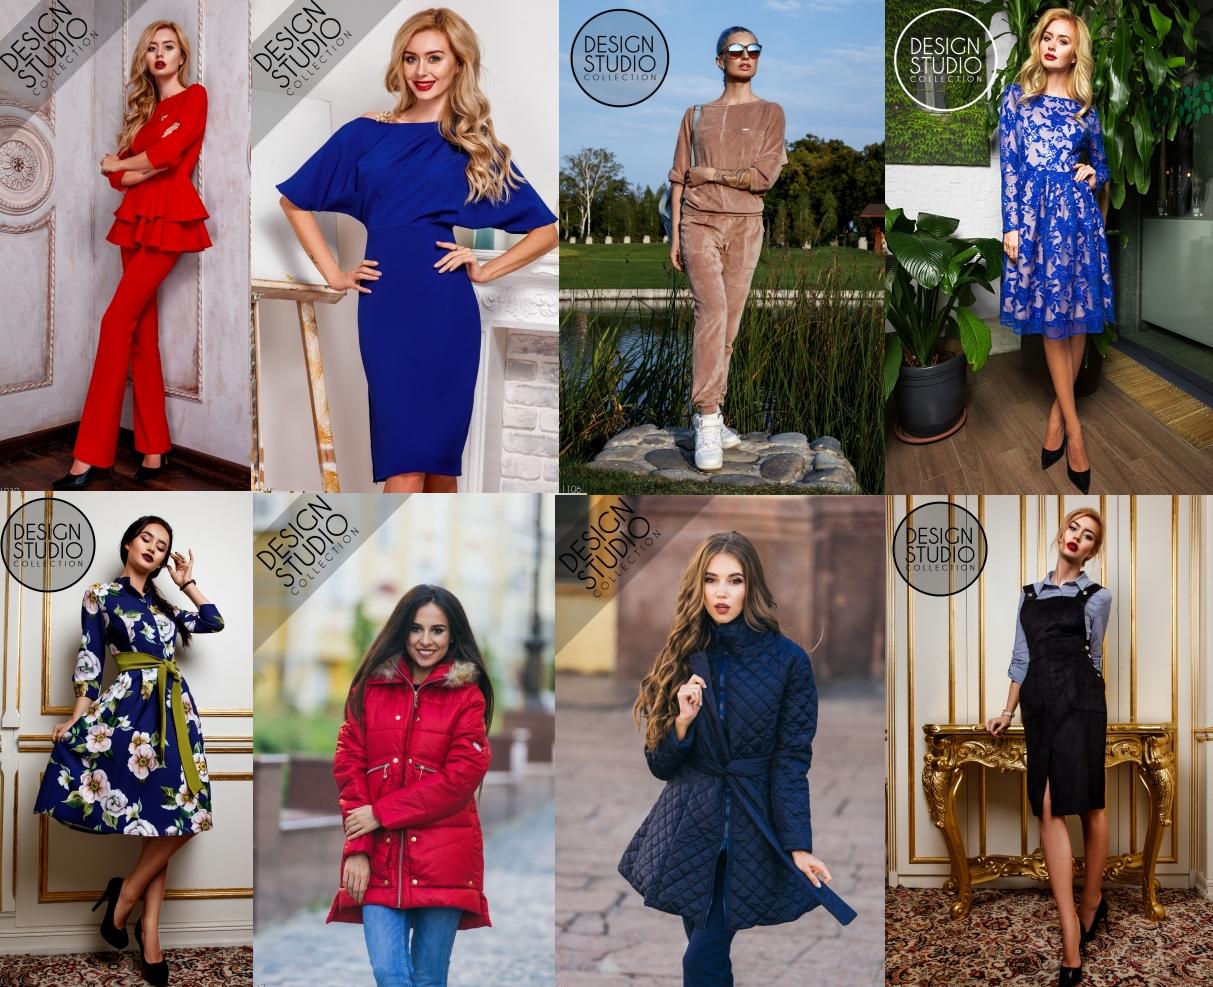 Сбор заказов.Коллекция женской одежды от фирмы D*S*C.Красиво,стильно,модно и совсем недорого.В3